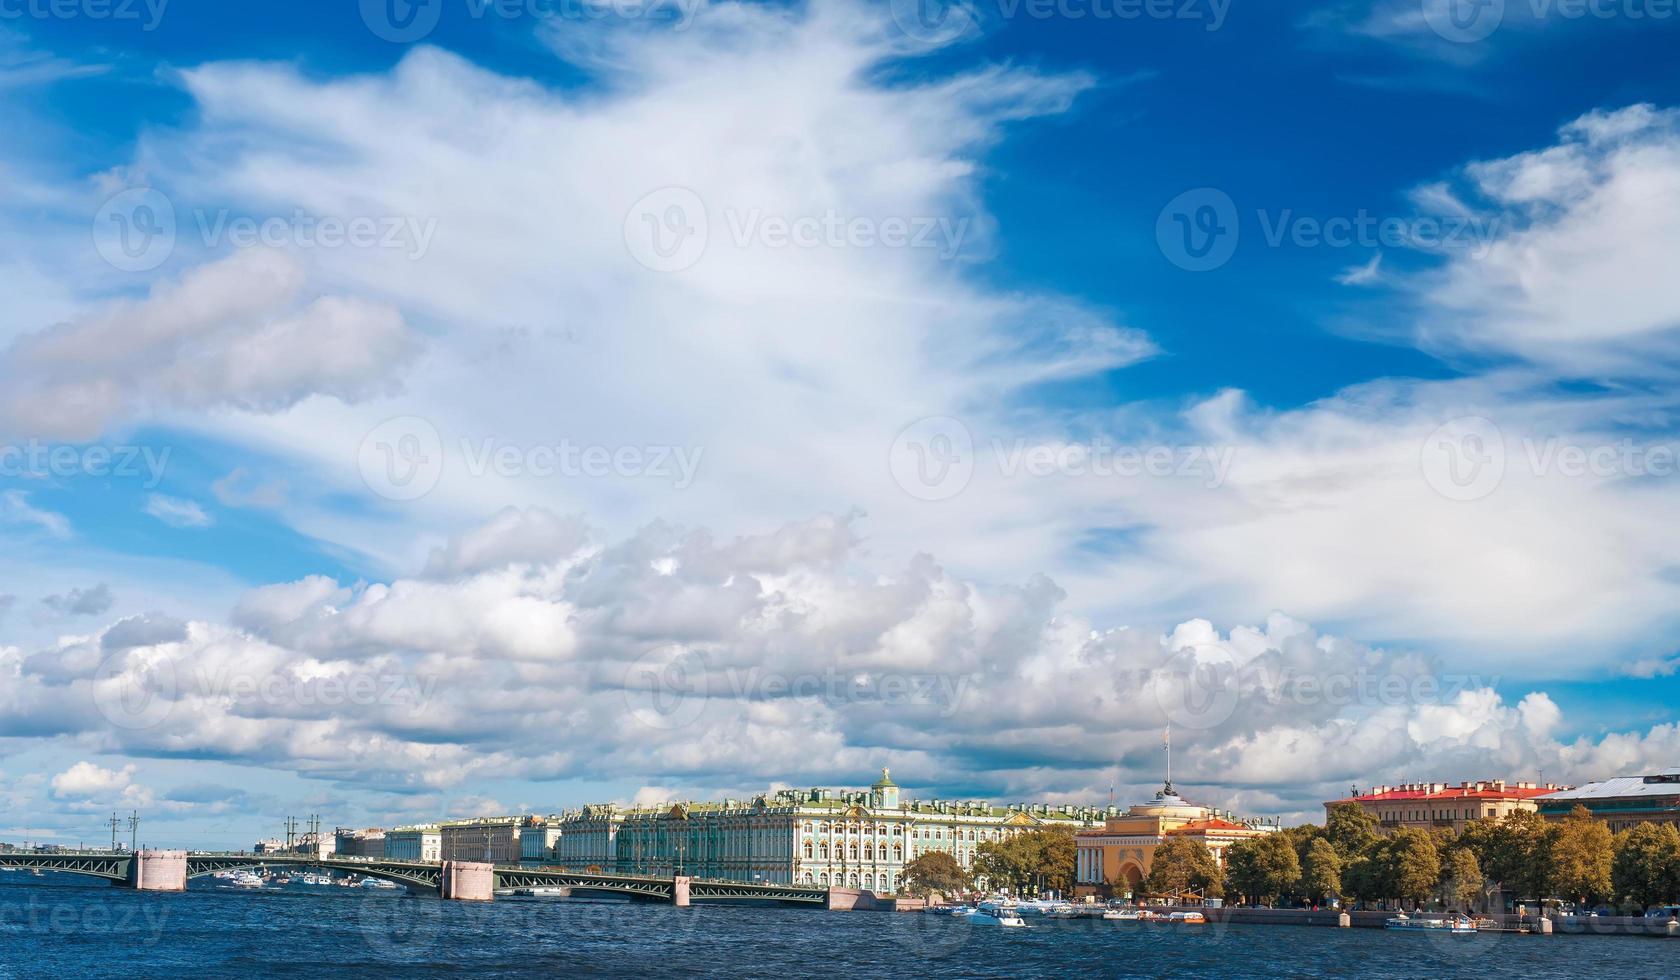 vista del fiume neva a San Pietroburgo, russia foto